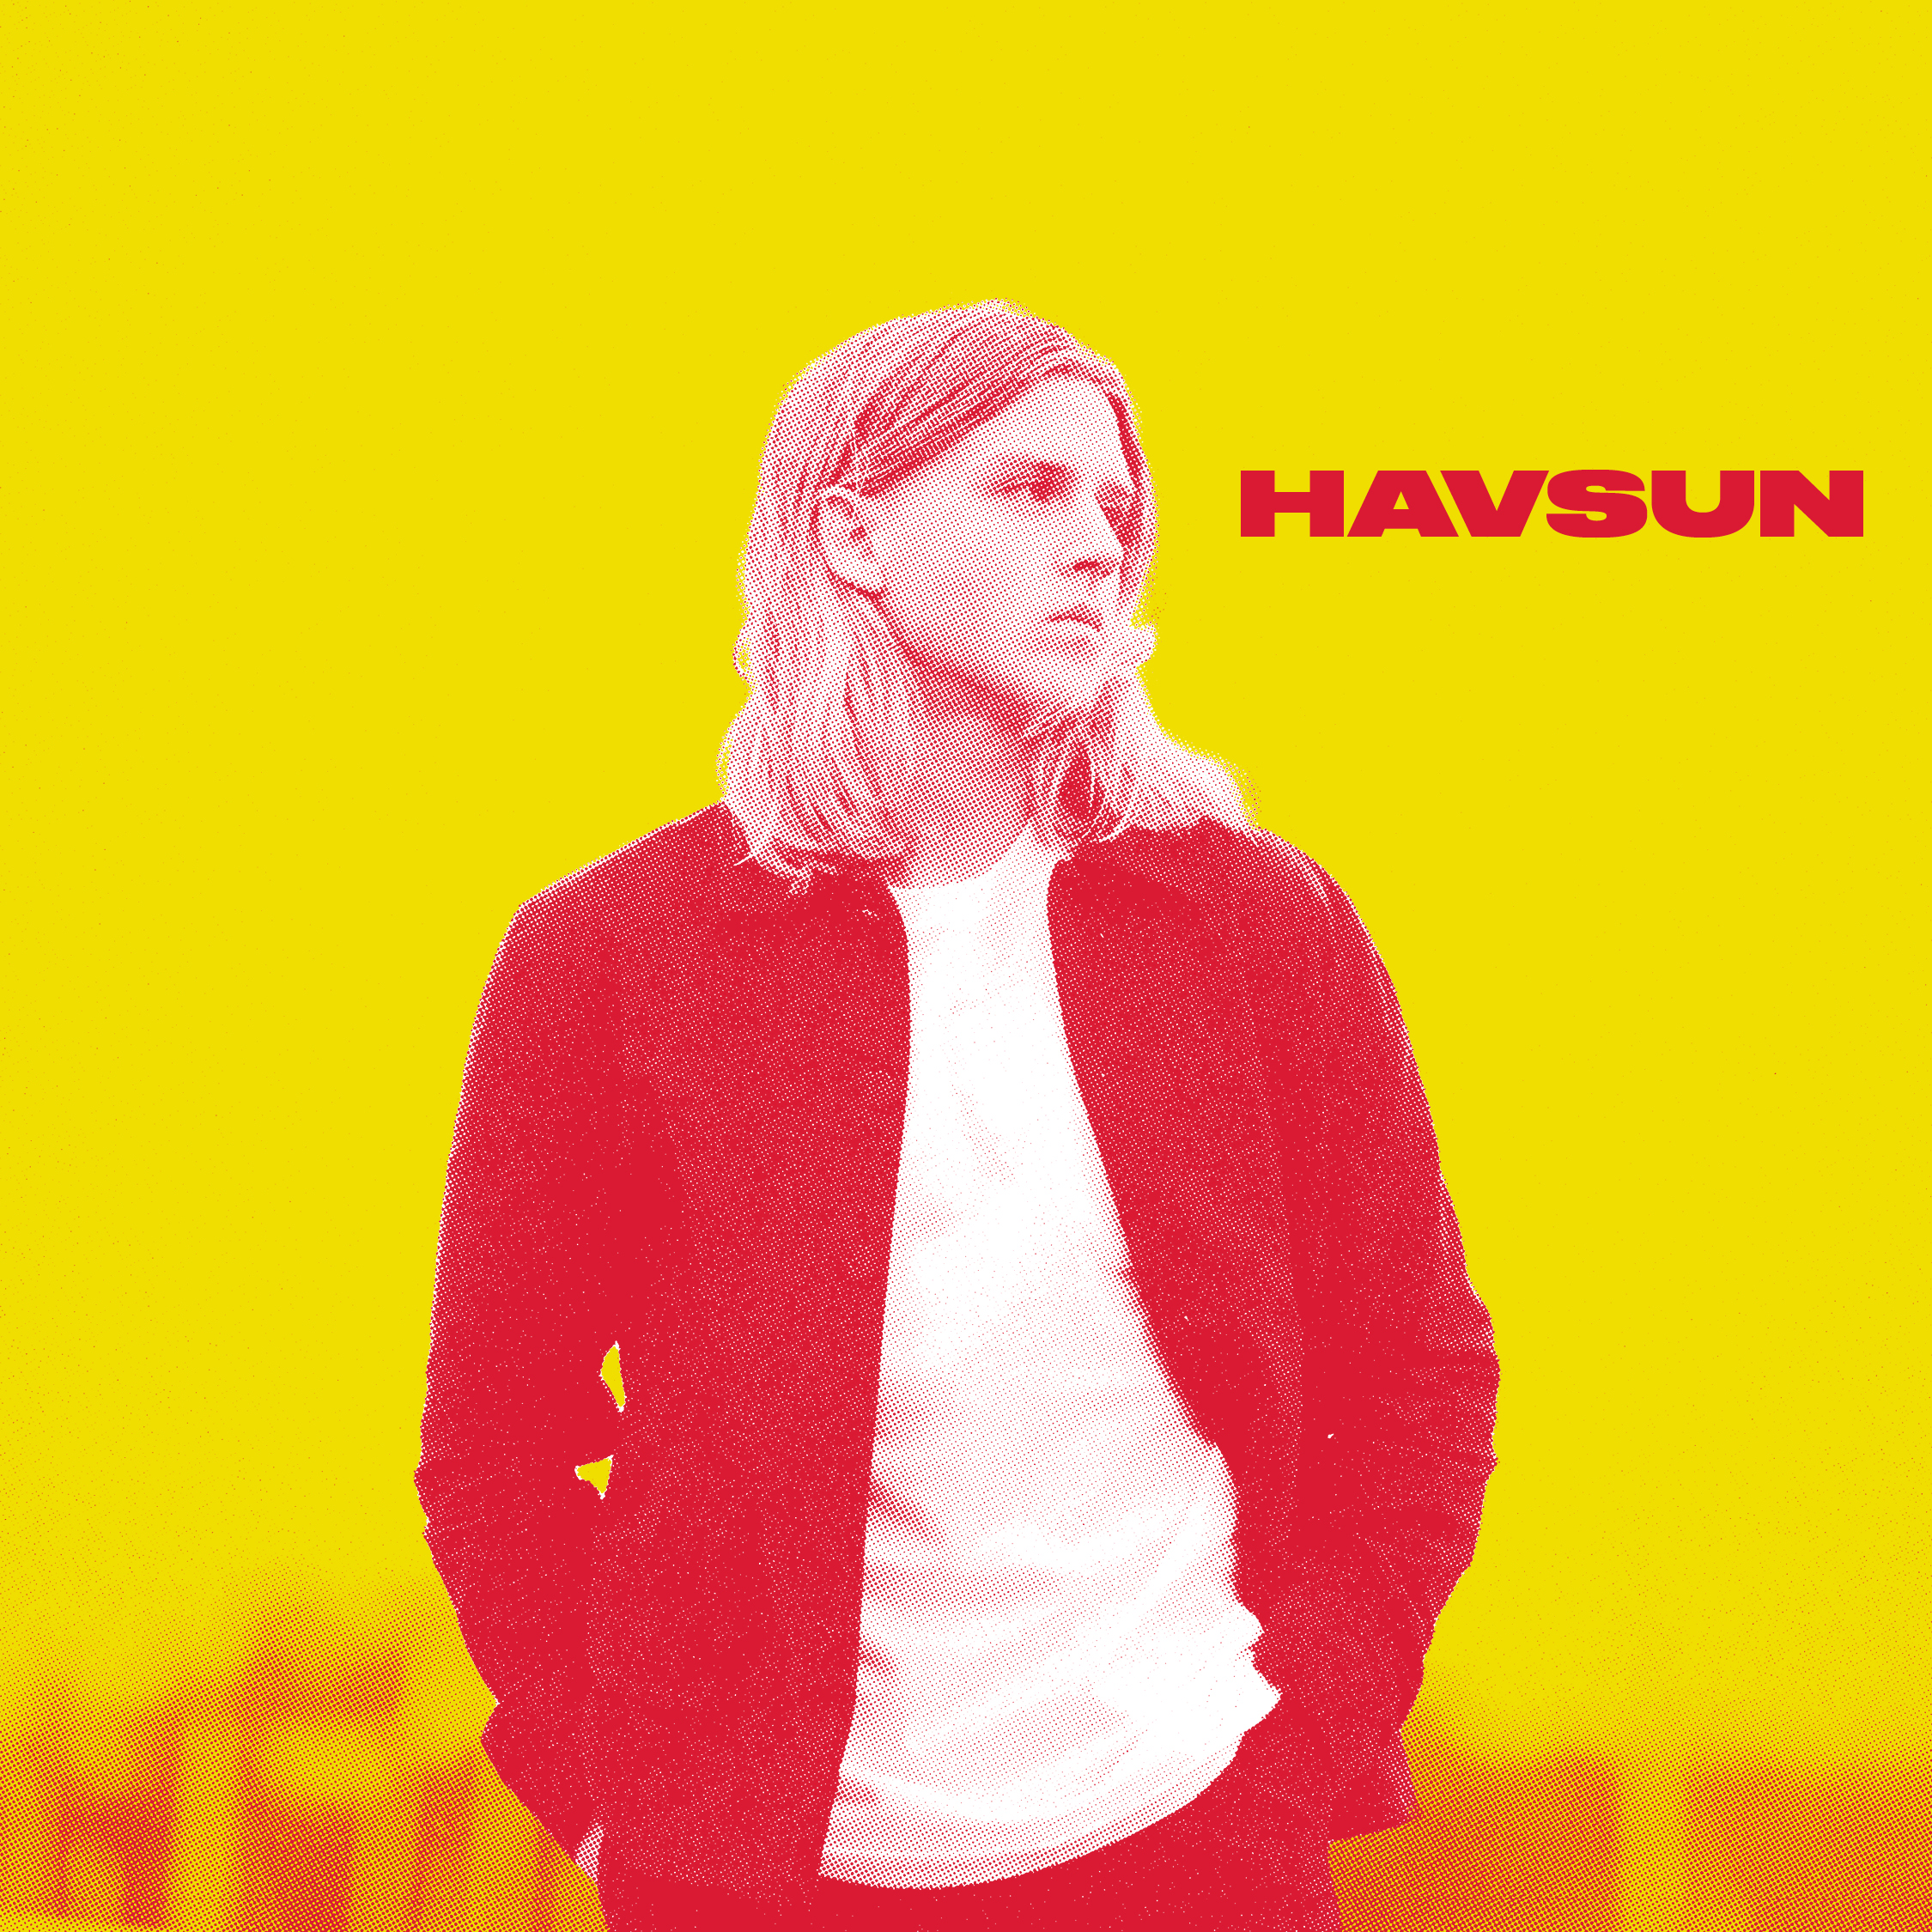 HAVSUN fra Bergen er et nytt og spennende navn på den skandinaviske pop/urban-scenen. Med et elektronisk og lekent lydbilde, blandet med urbane pop-elementer og distinkte bass- og gitarlinjer, skiller HAVSUN seg fra andre artister som driver med EDM og elektronisk musikk. HAVSUN er aliaset til 22 år gamle Håvard Sundland som er produsent, gitarist og låtskriver. Debutsingelen kom i april og fikk mye positiv oppmerksomhet, nye låter er rett rundt hjørnet.